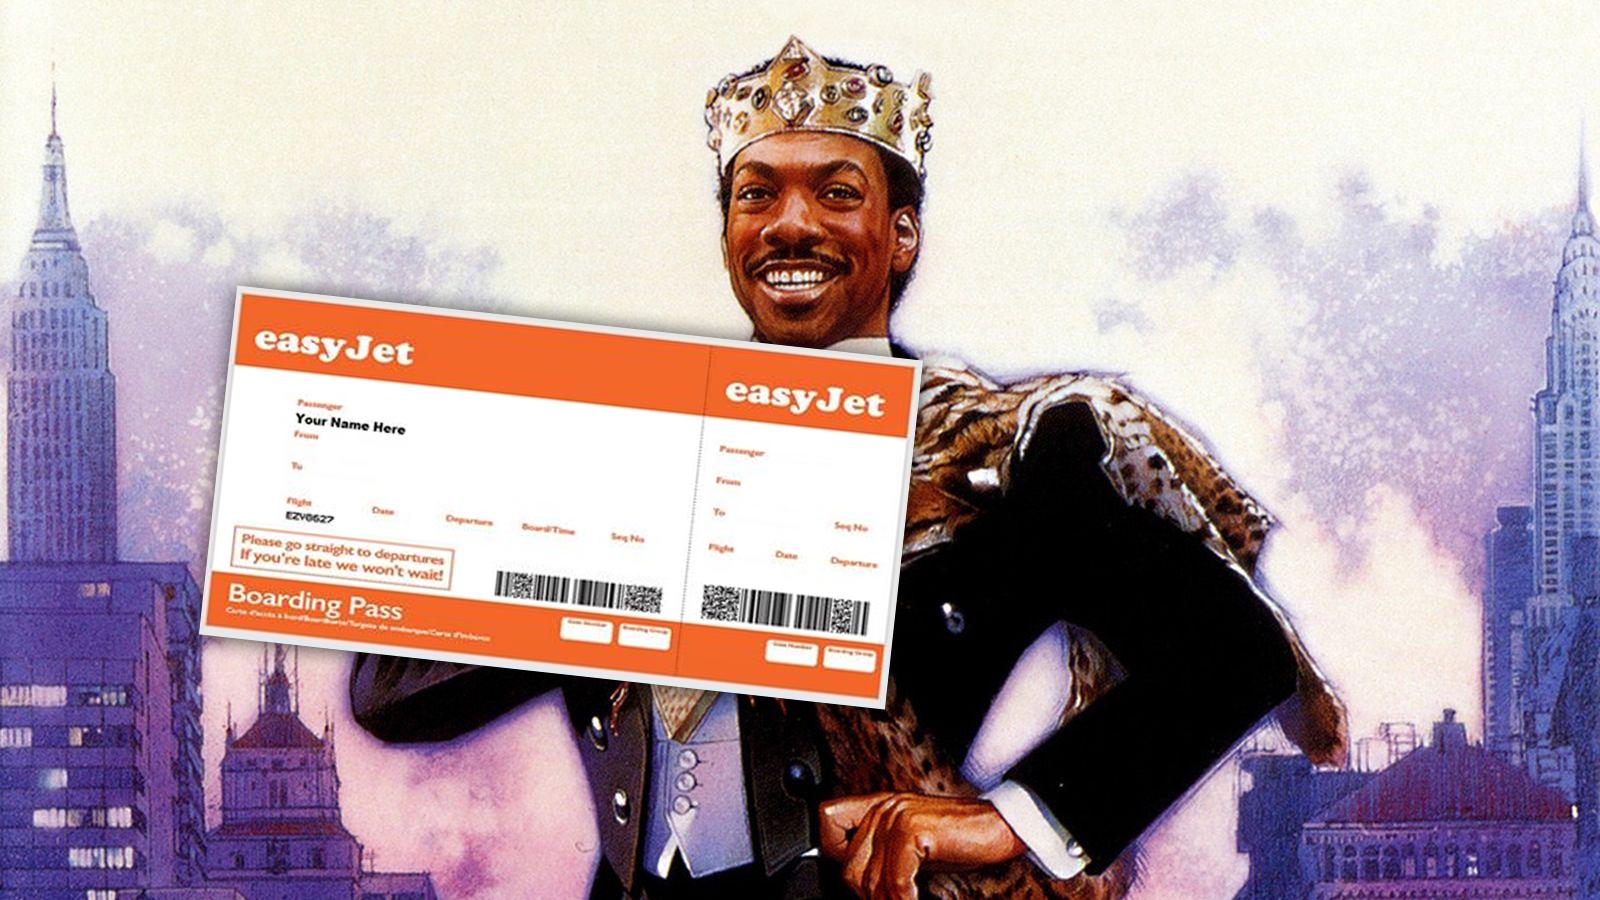 Γιατί οι άνθρωποι ακόμη την πατάνε με απάτες στο Ίντερνετ για δωρεάν εισιτήρια και πρίγκηπες από τη Νιγηρία;